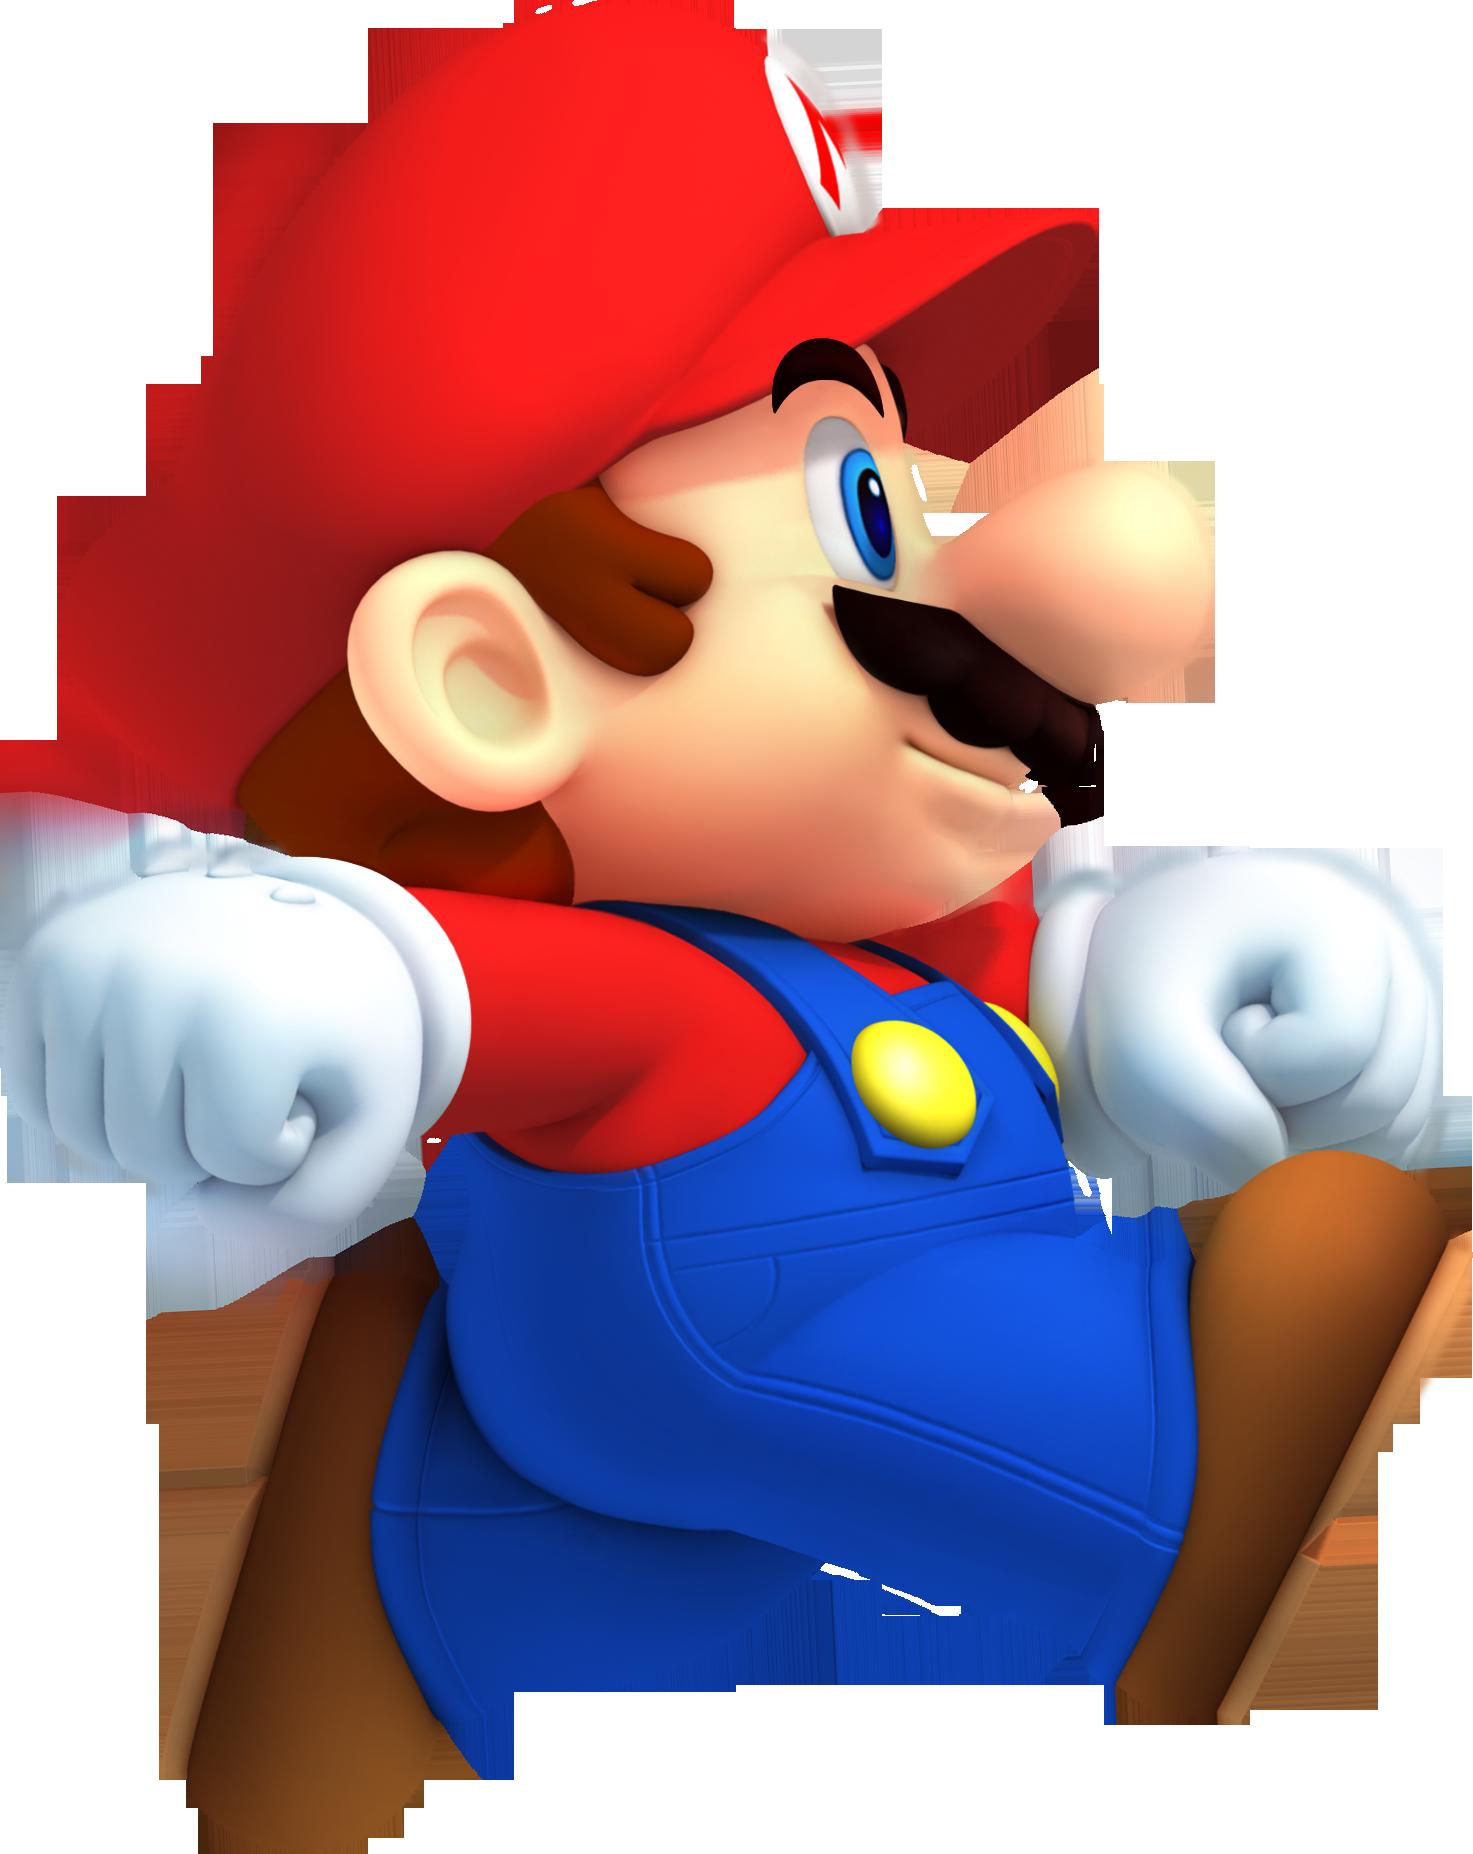 Luigi super mario bros 3 luigi sprite | transparent png download.